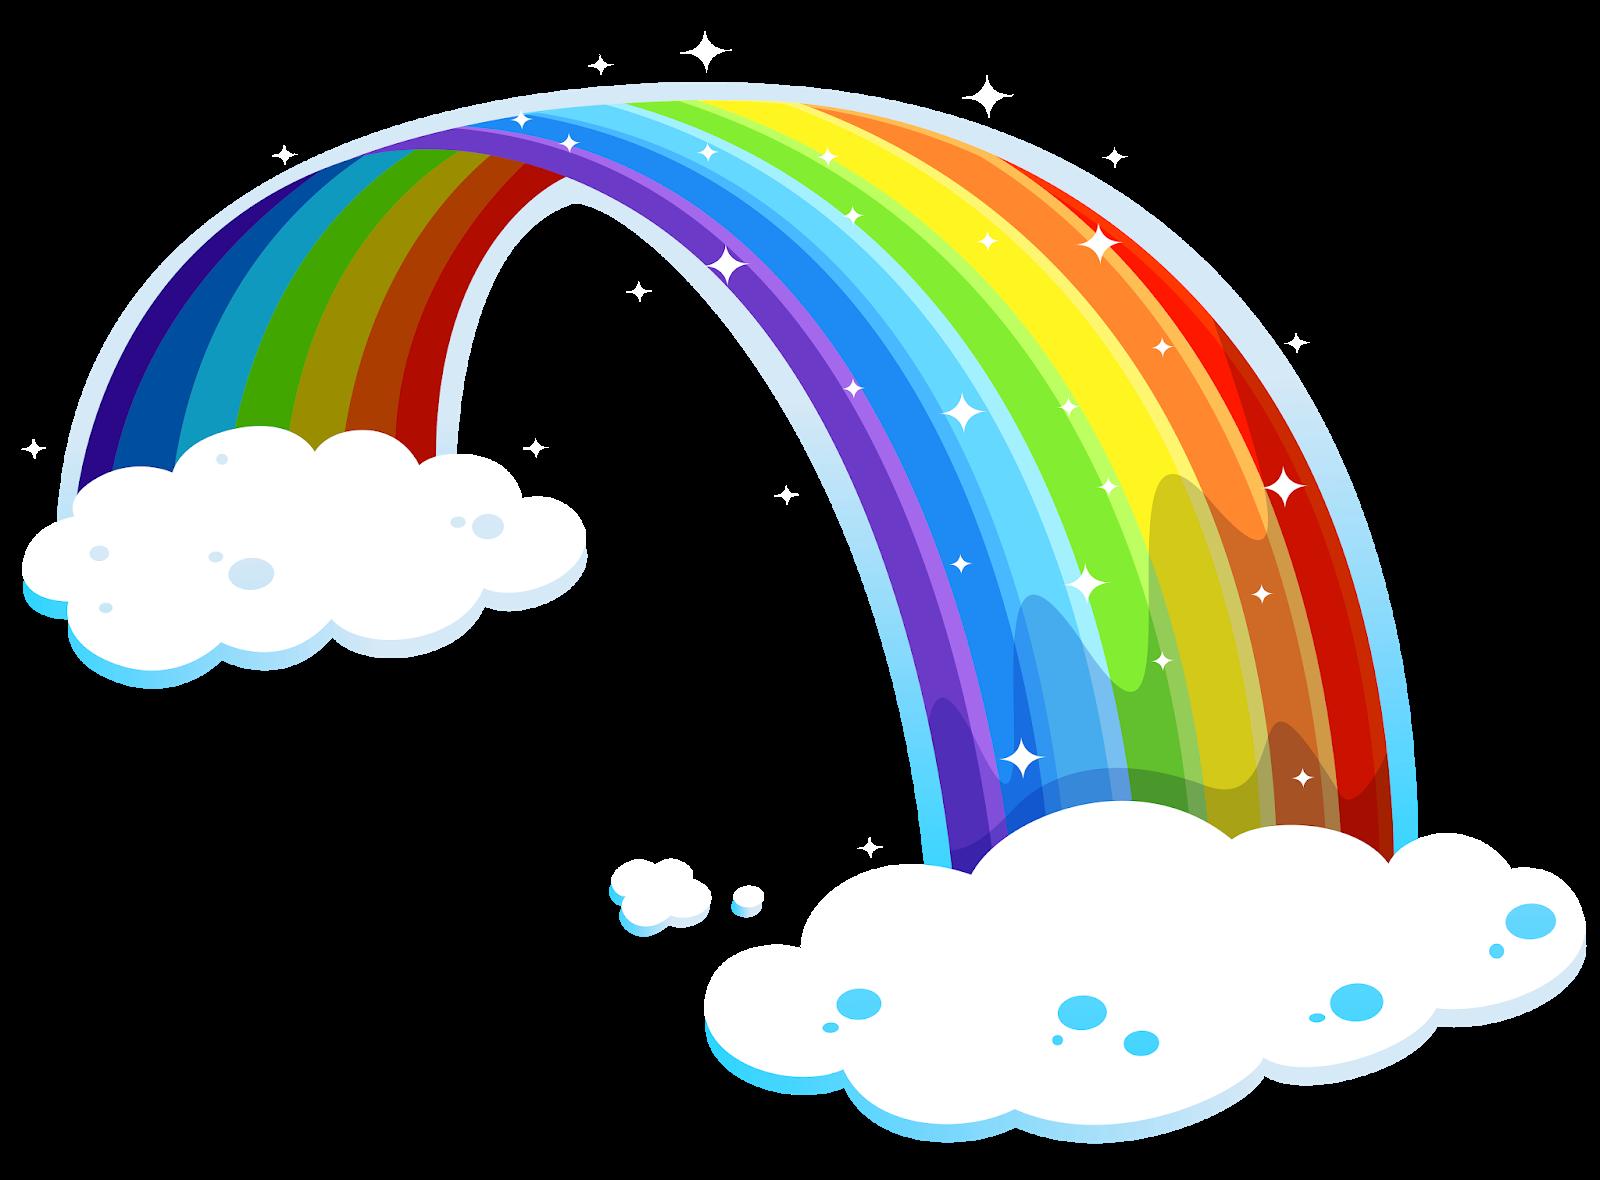 картинка радуги без фона предохранительный